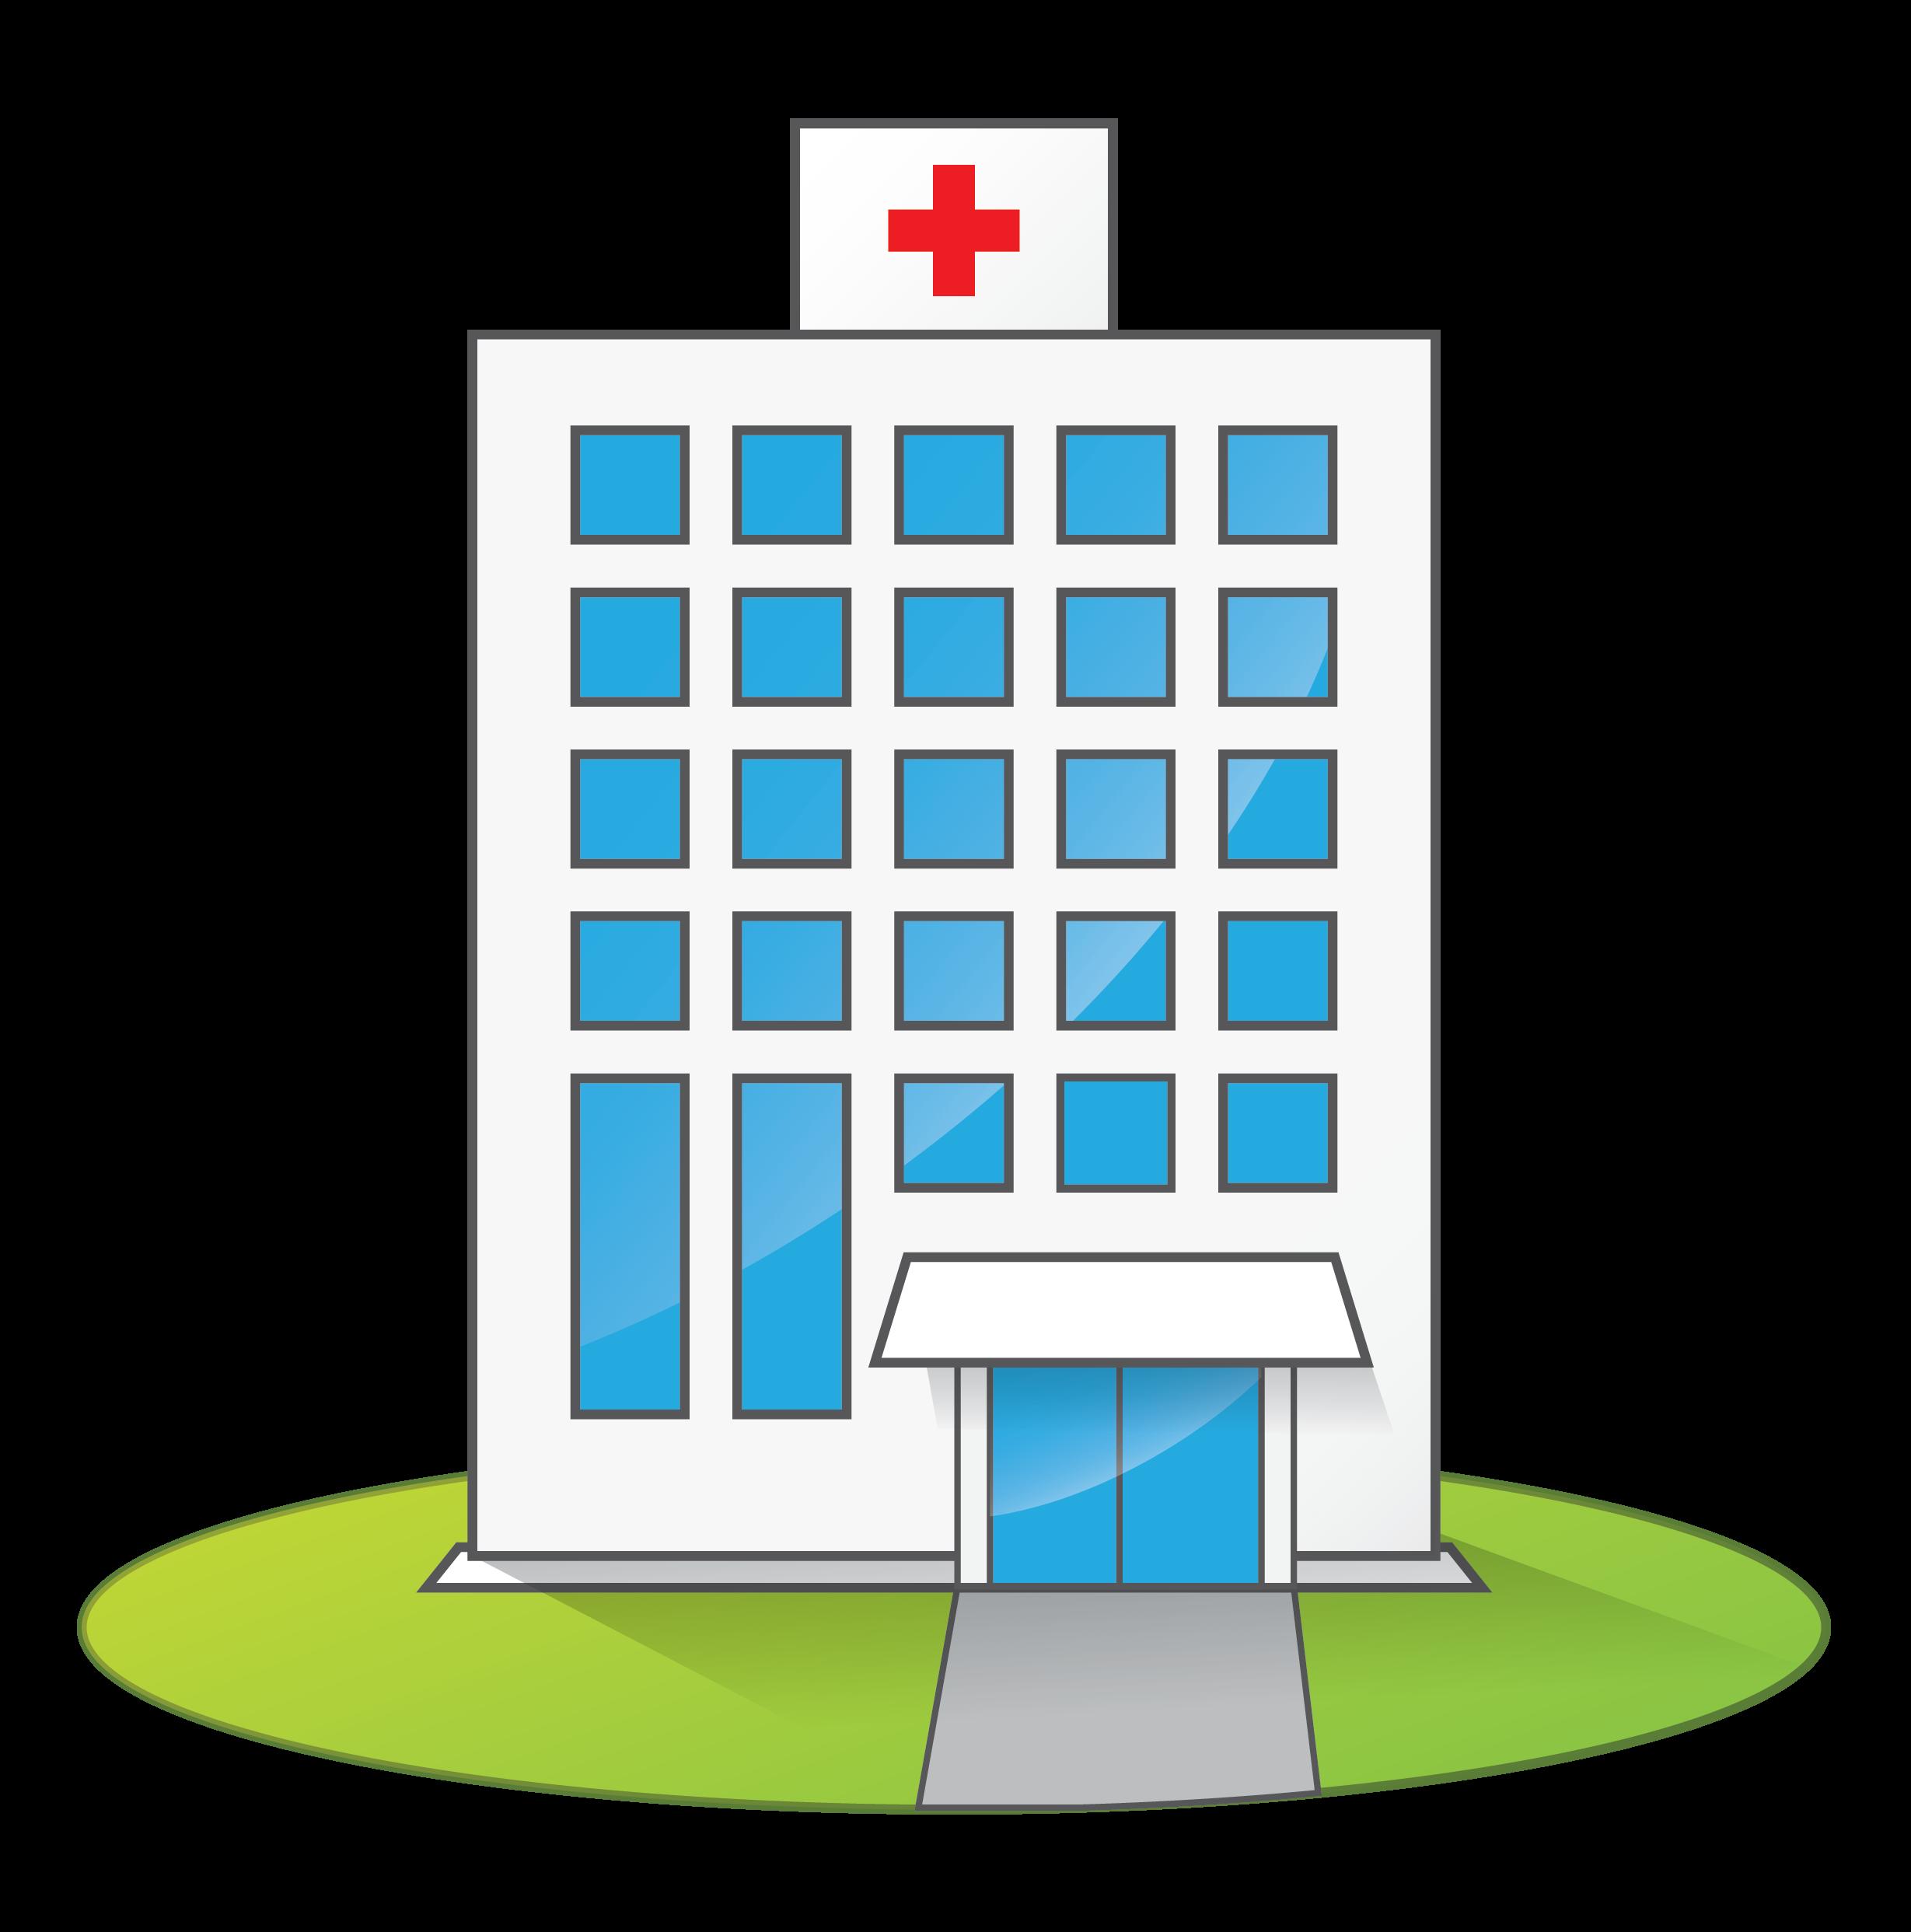 hospital clipart clipart panda free clipart images Free Medical Care Clip Arts Free Medical Care Clip Arts